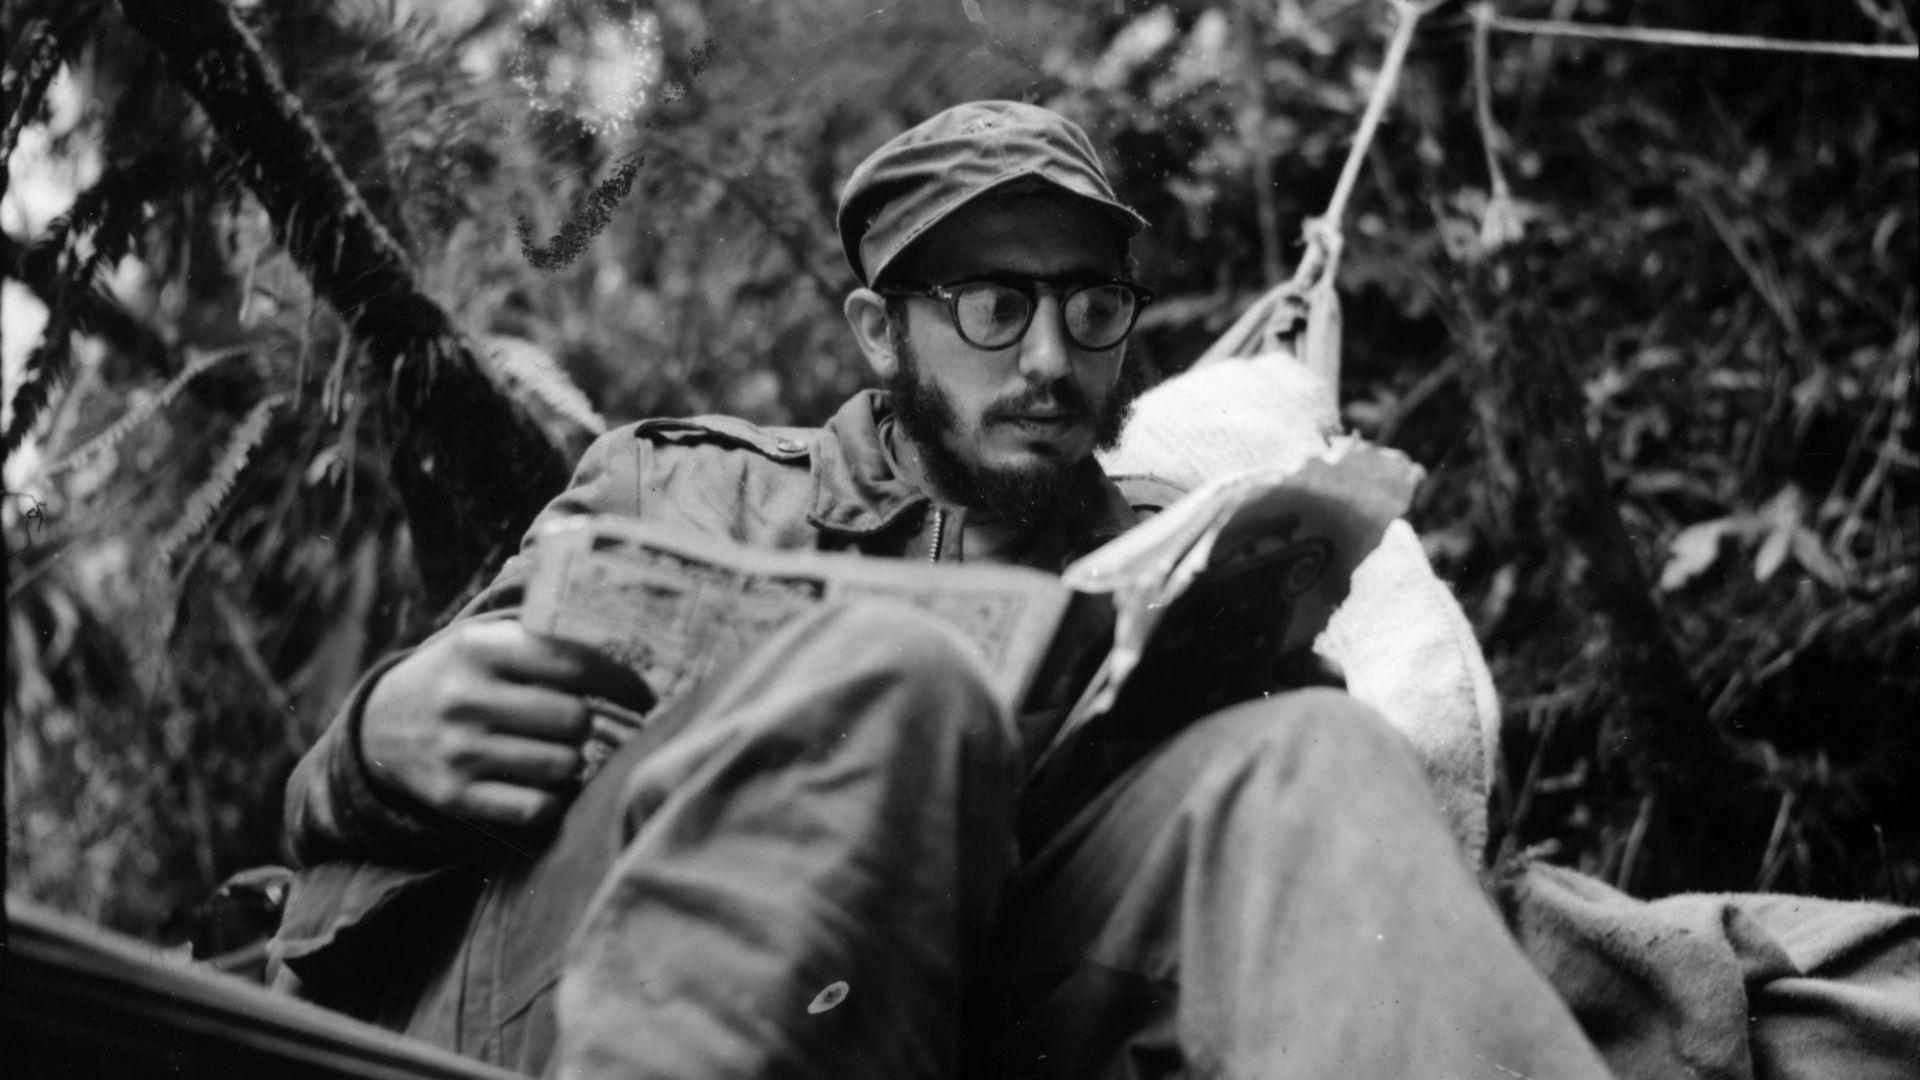 「Fidel Castro」の画像検索結果